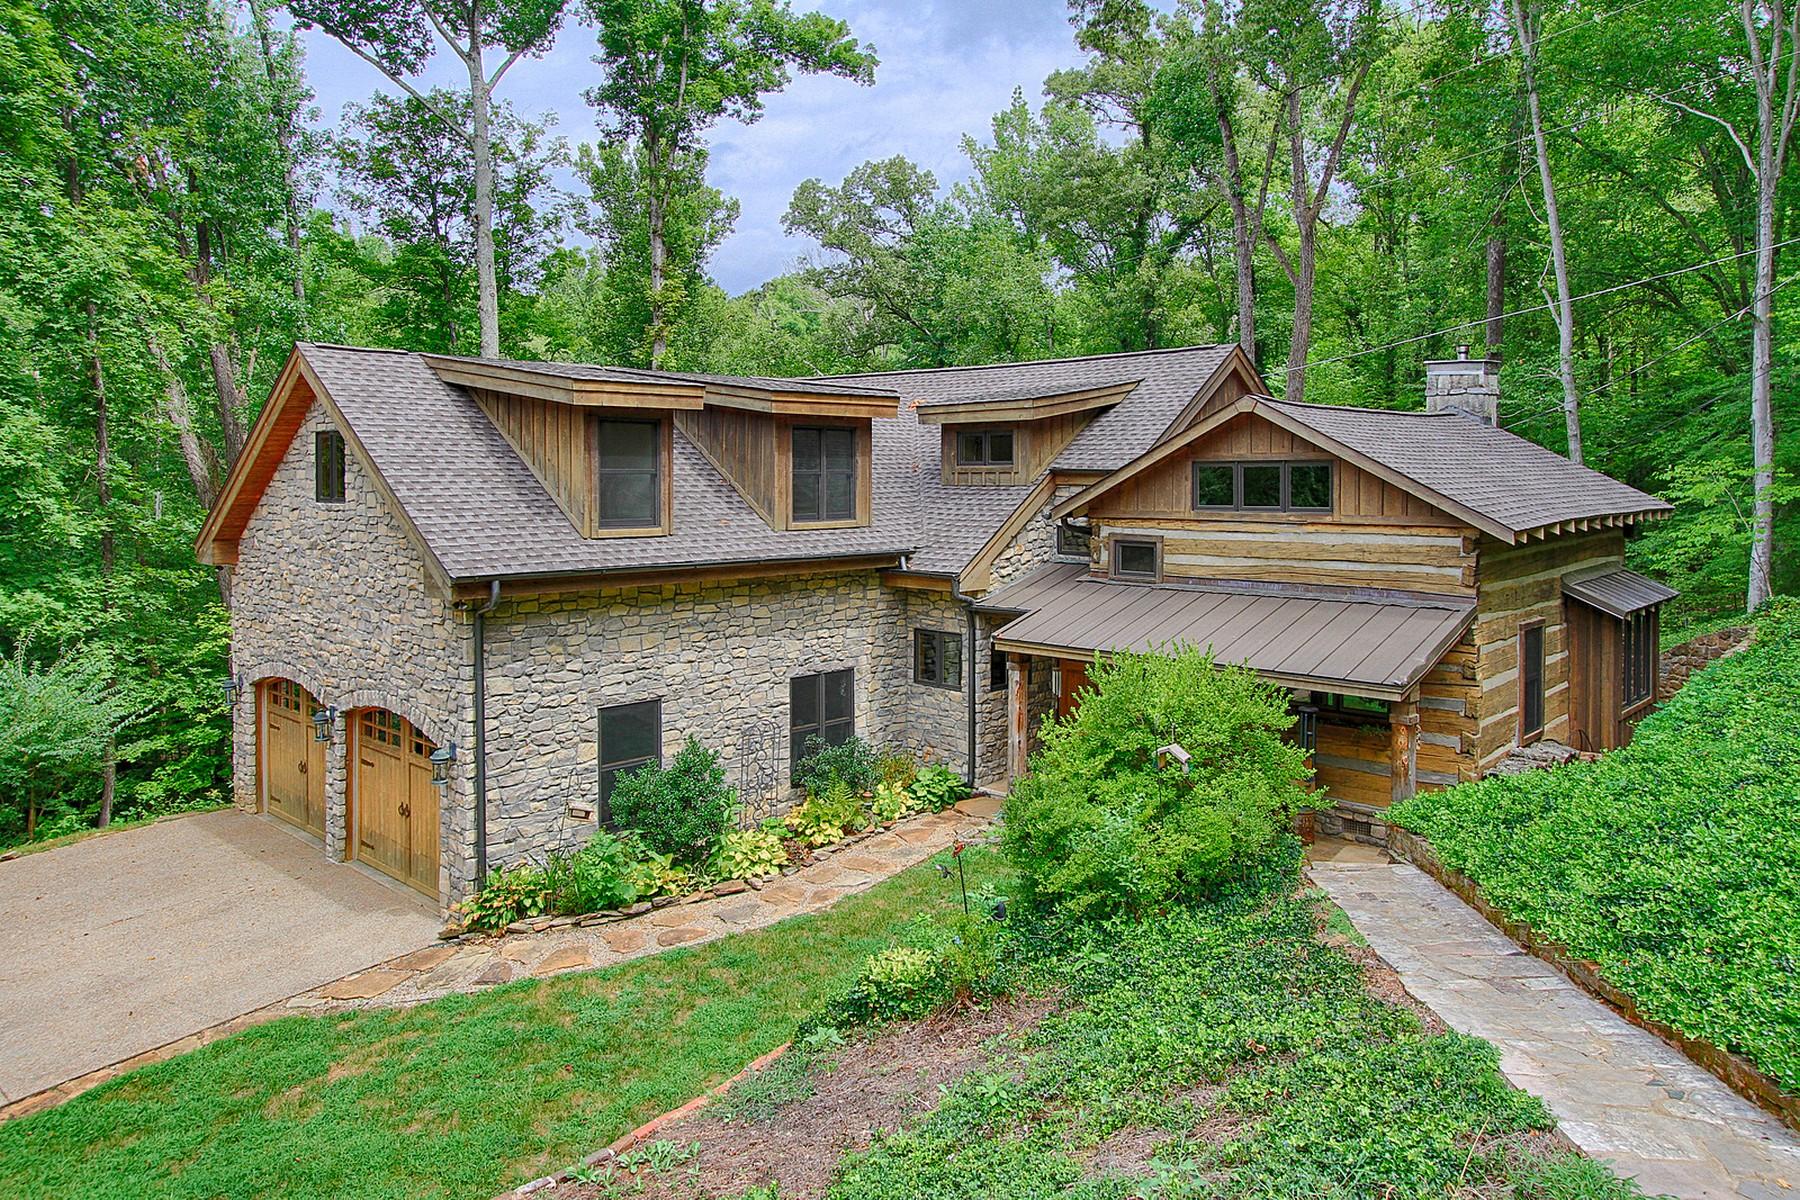 一戸建て のために 売買 アット Historic Hand-Hewn Log Cabin 4416 Topside Road Knoxville, テネシー 37920 アメリカ合衆国